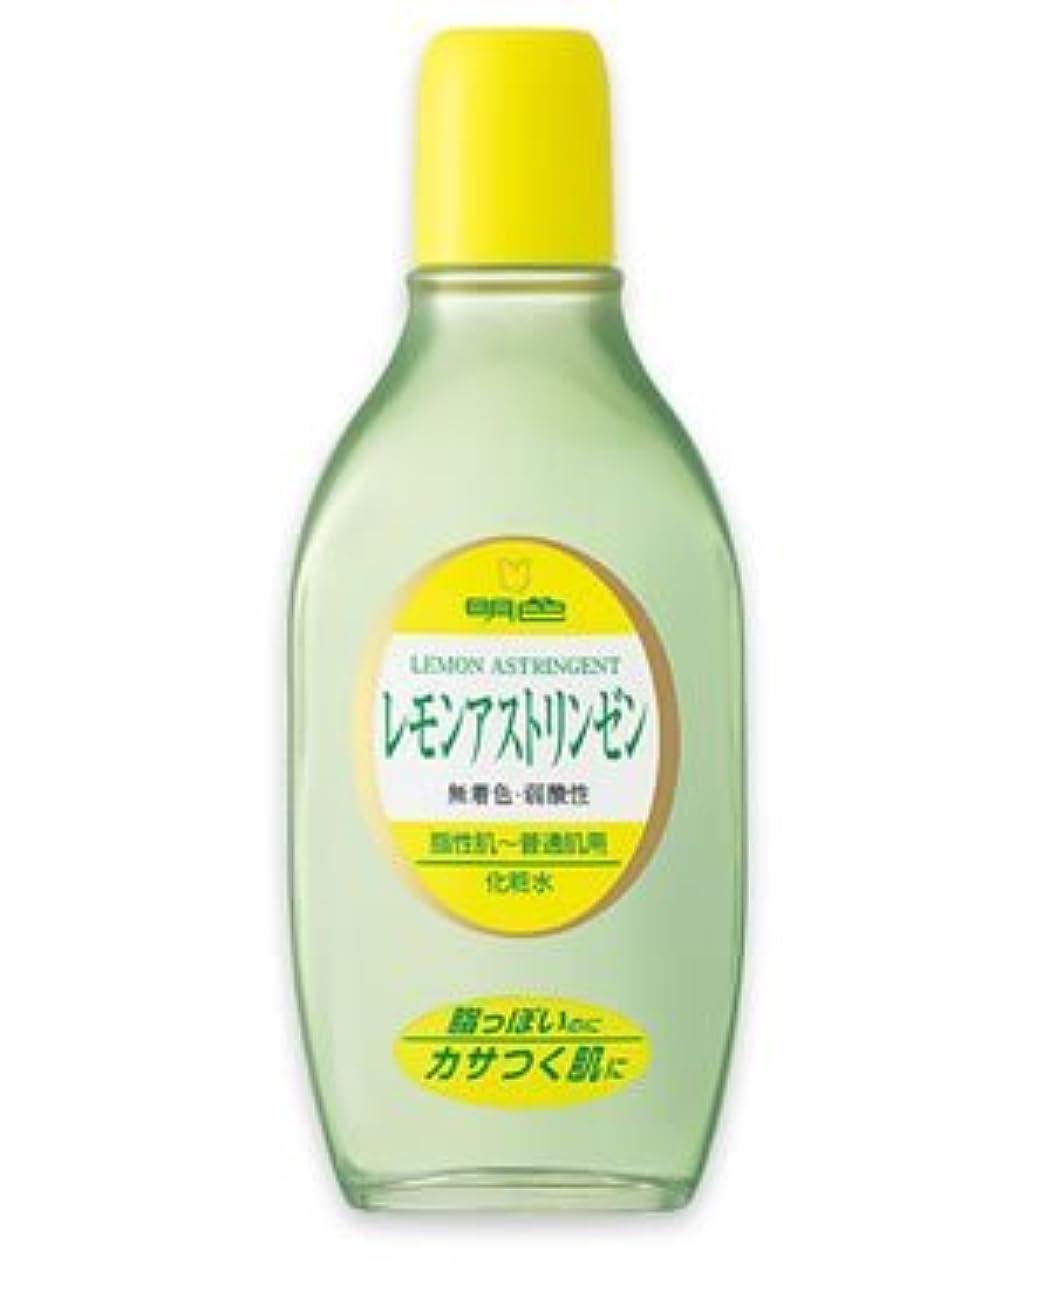 ネーピア上向き費用(明色)レモンアストリンゼン 170ml(お買い得3本セット)